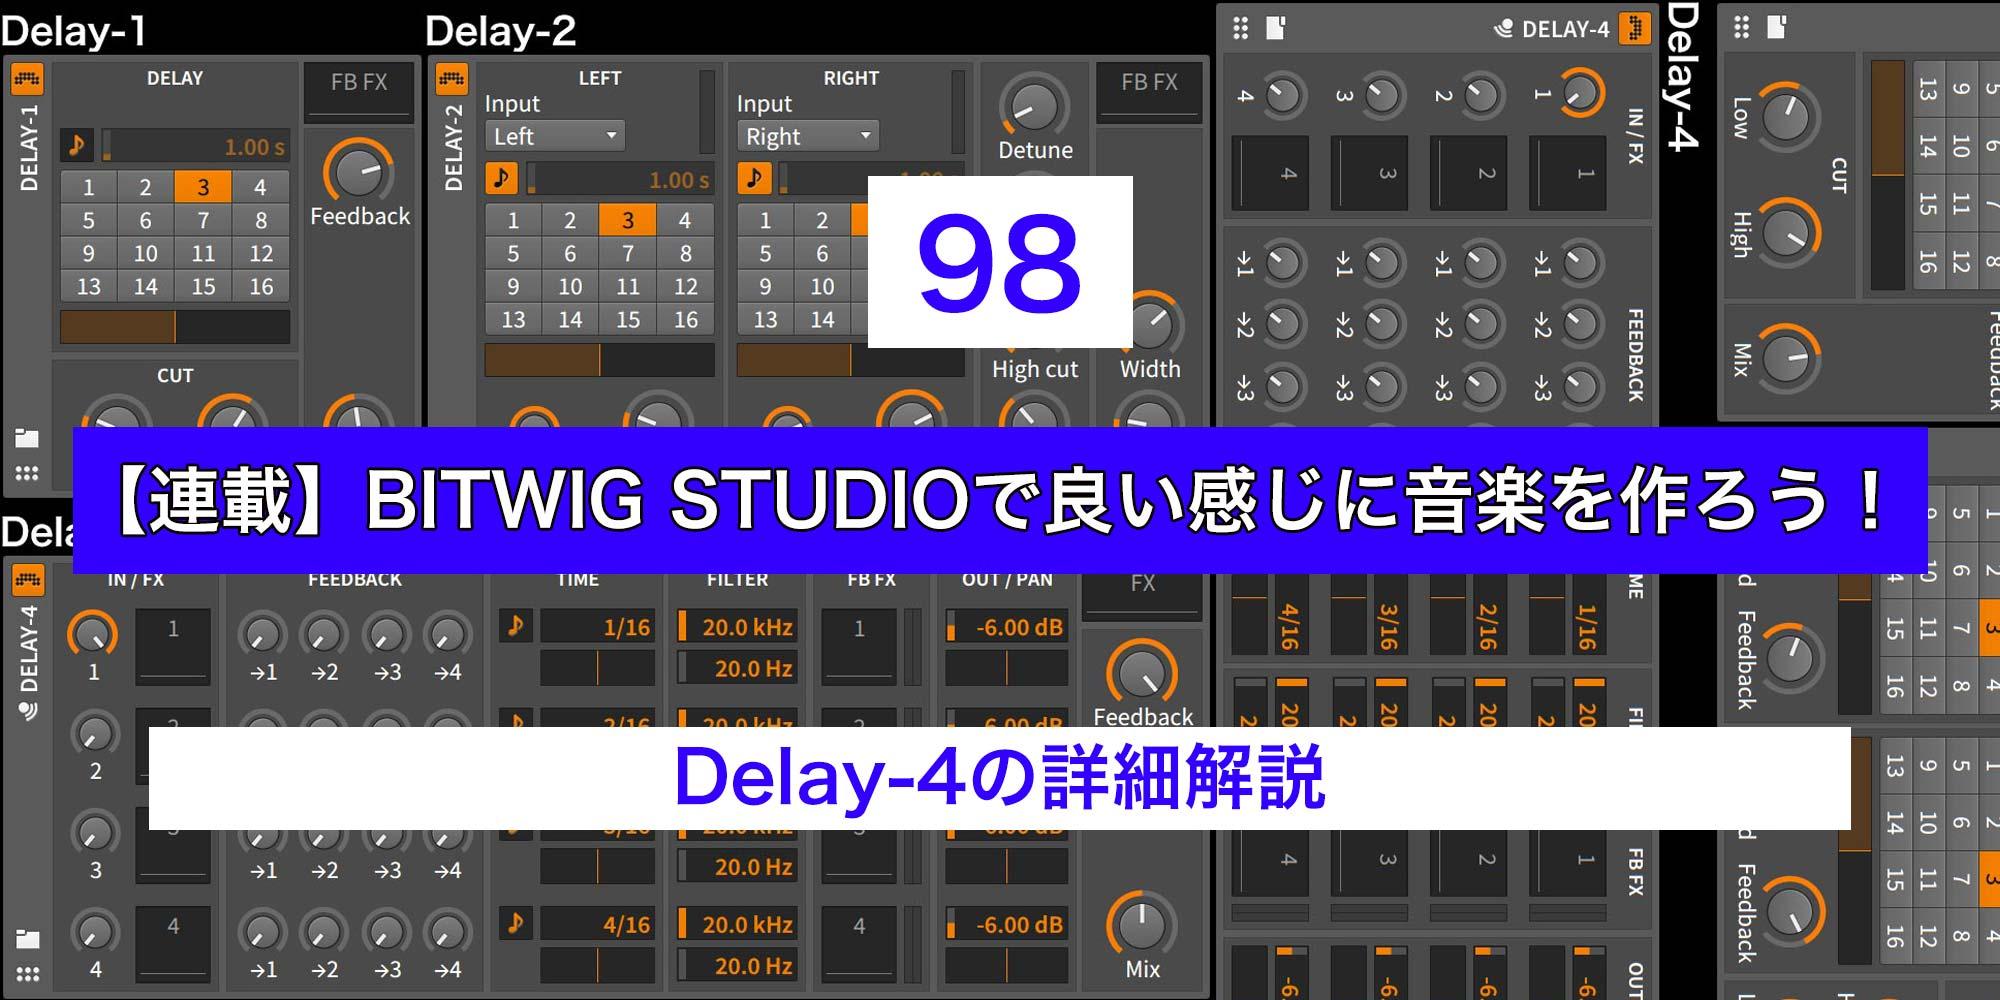 【連載】BITWIG STUDIOで良い感じに音楽を作ろう!【98】